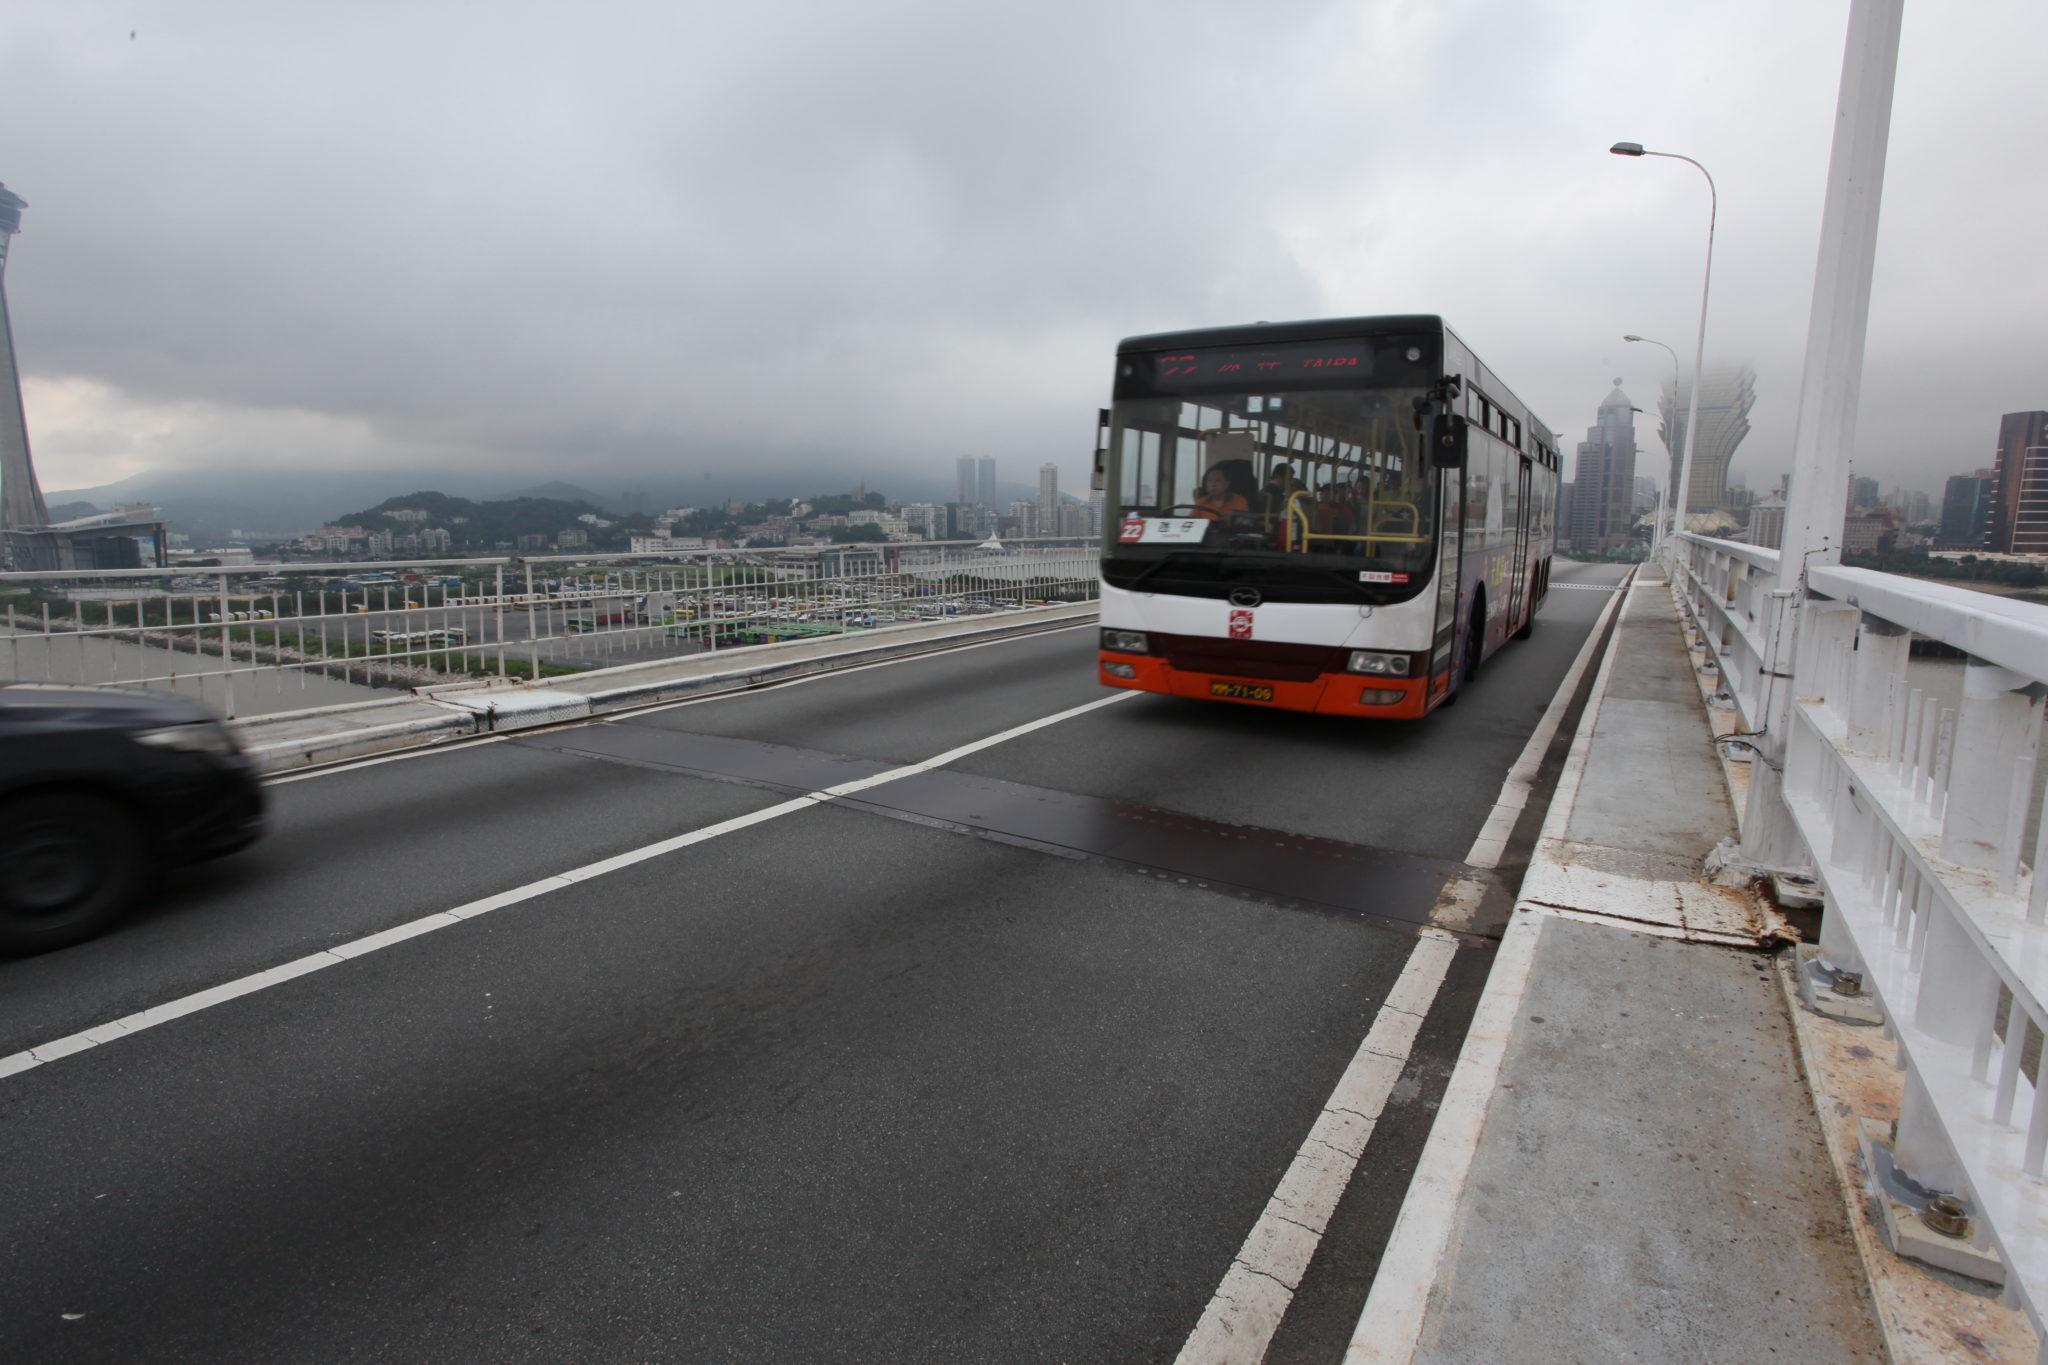 Transportes | Admitido bilhete combinado para metro e autocarros